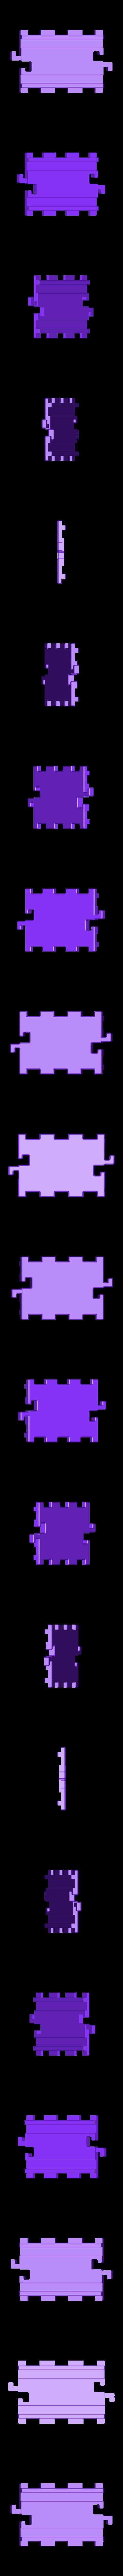 SmallToys-RailStraight3-4.stl Download STL file SmallToys - Starter Pack • 3D printer model, Wabby